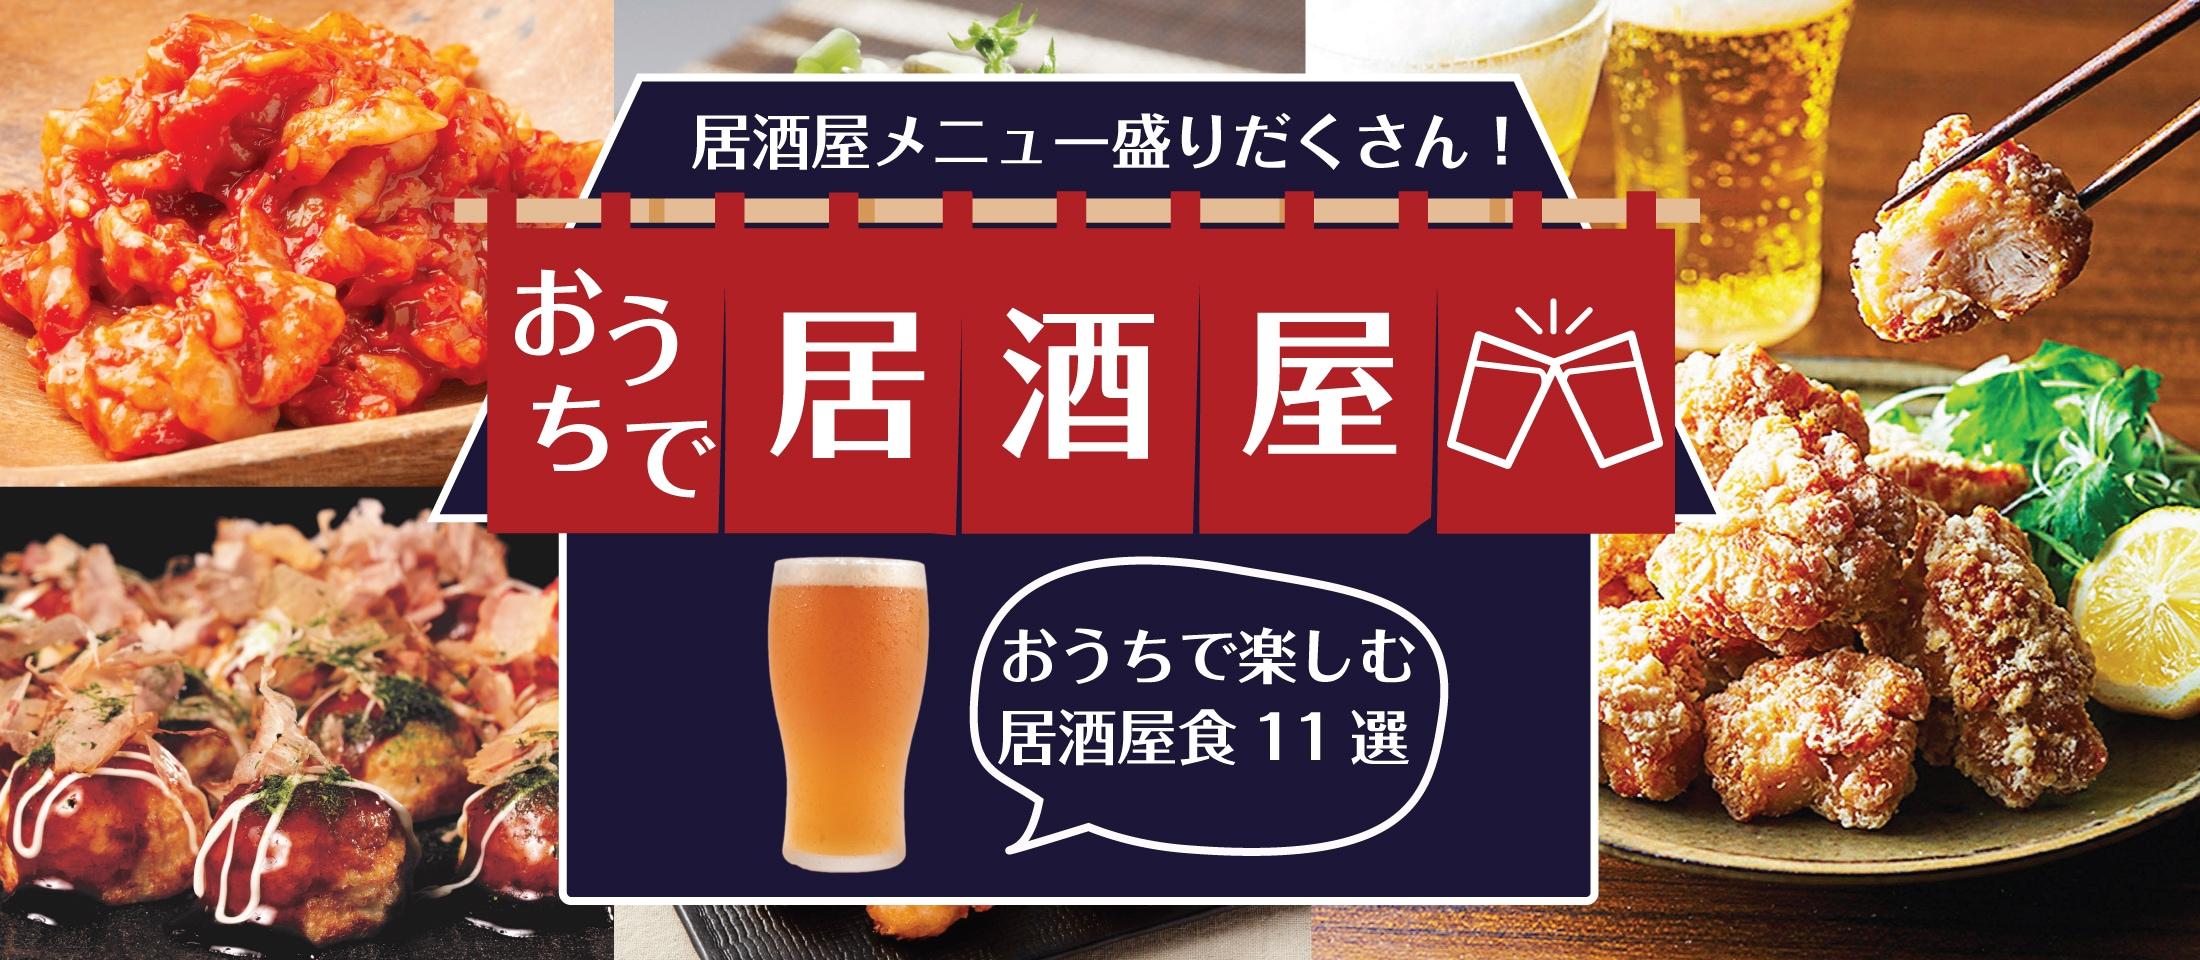 おうちで楽しむ居酒屋メシ11選  業務用食品・冷凍食品の通販 |ナカヤマフーズ